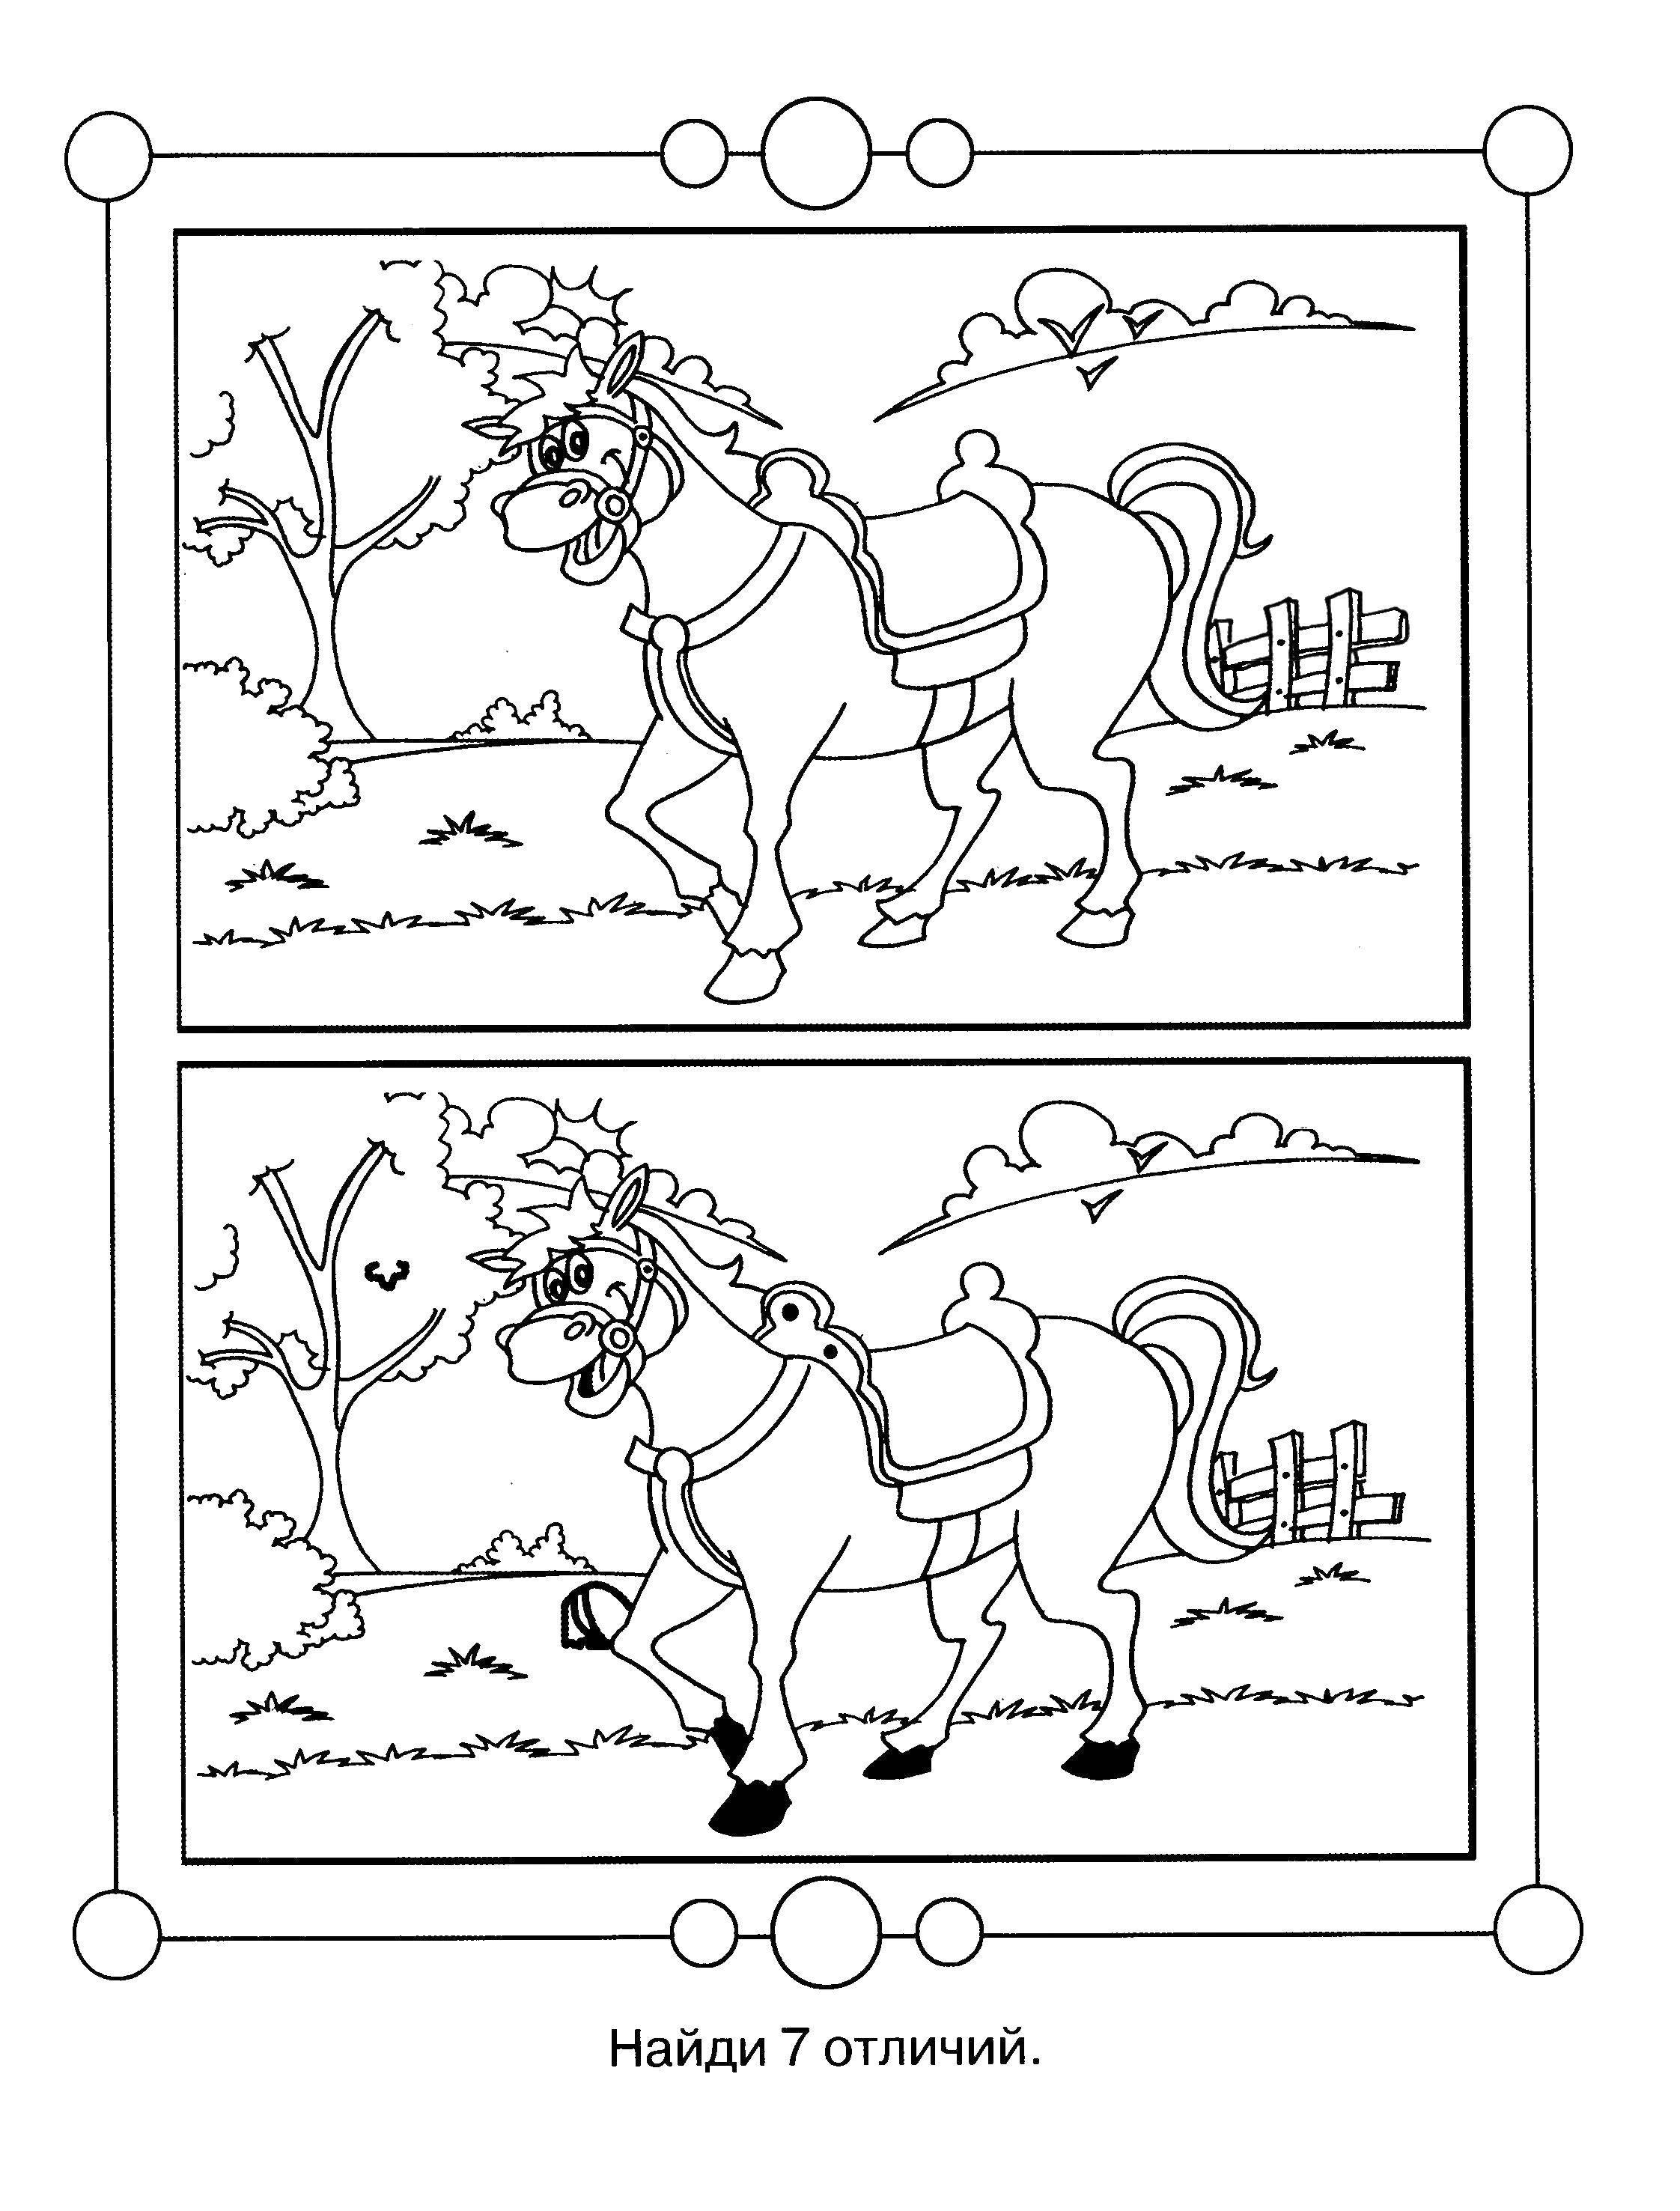 Раскраска Найди 7 отличий Скачать Логика.  Распечатать ,ребусы для детей,